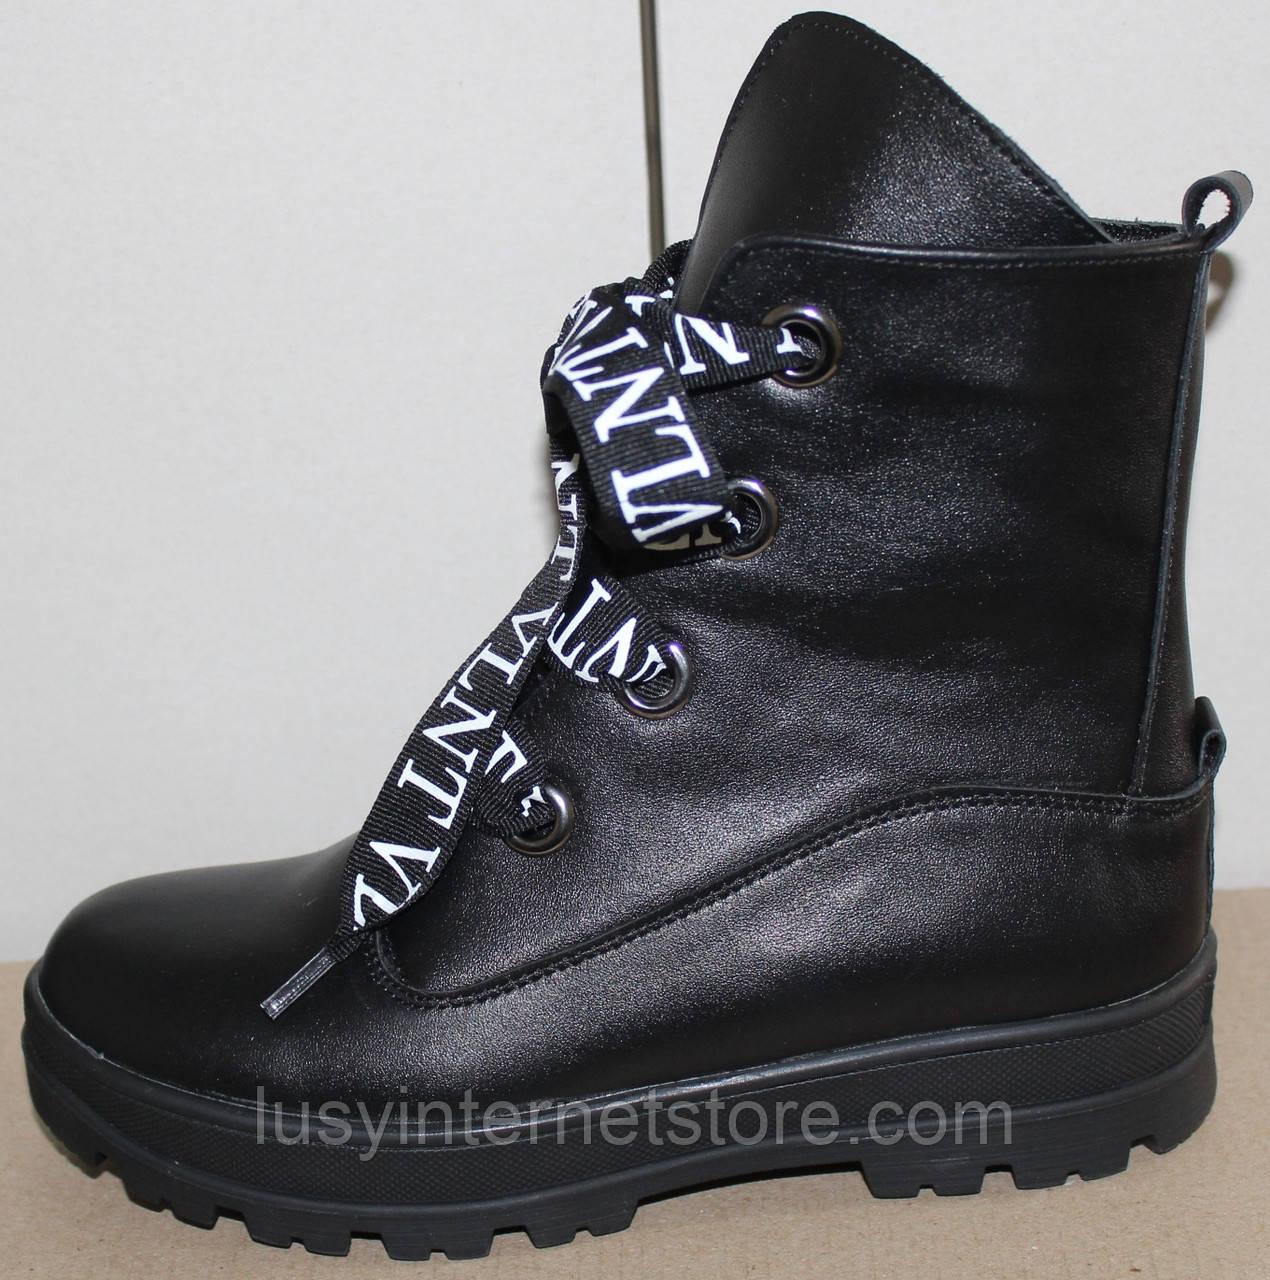 Ботинки кожаные зимние детские, подростковые от производителя модель СИ1011